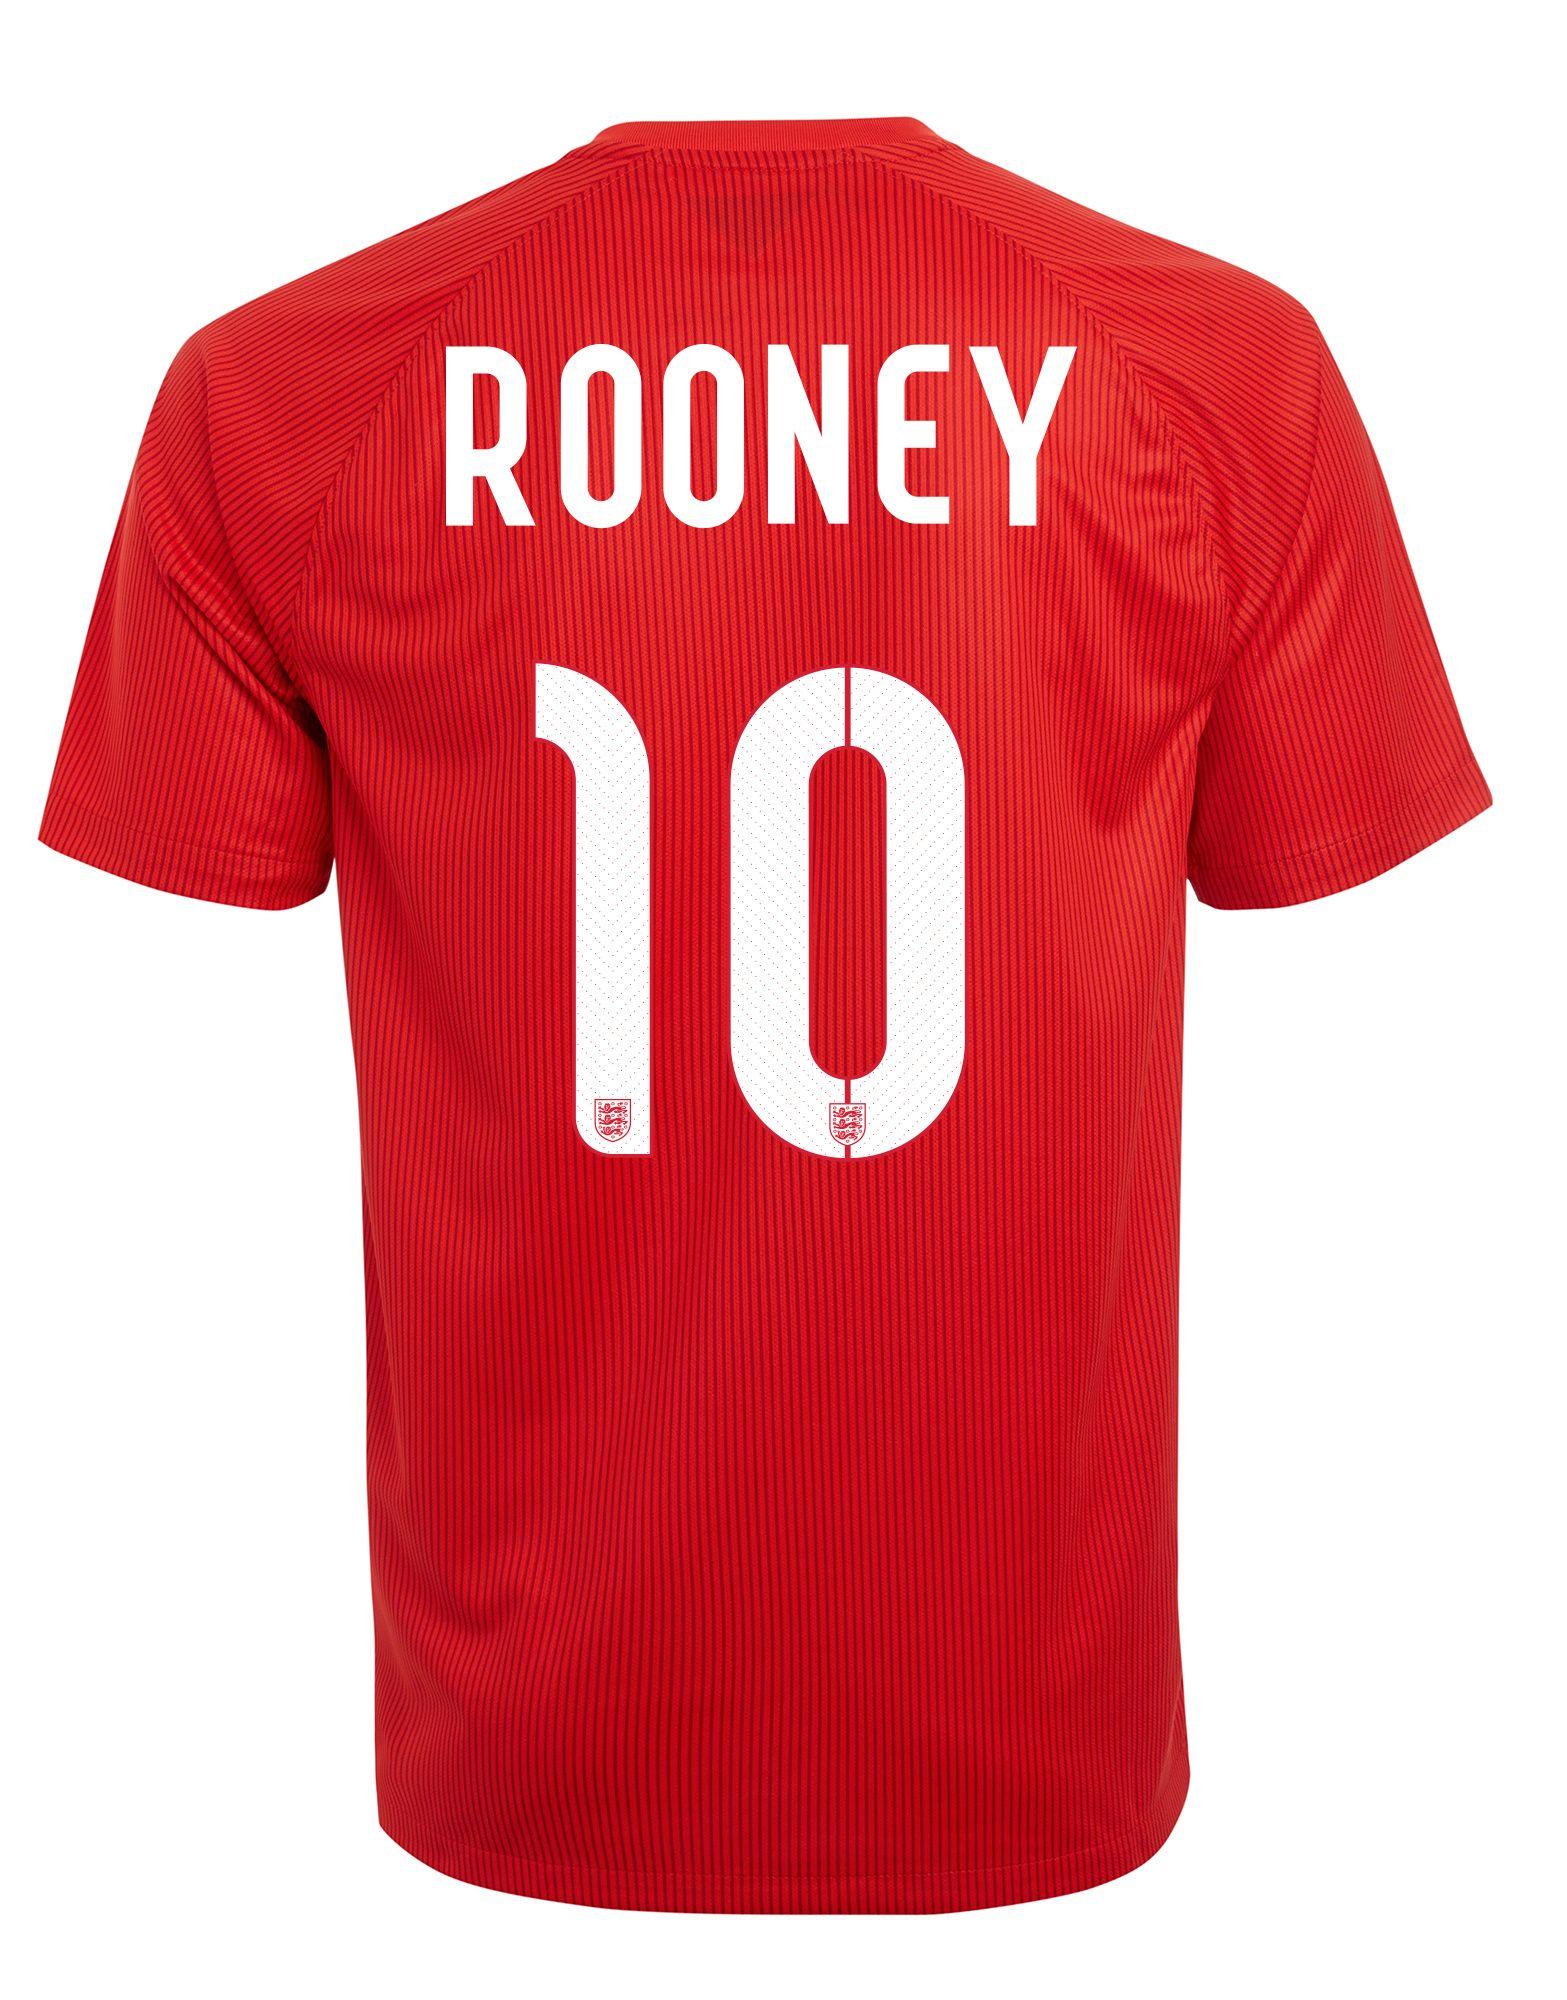 Nike England 2014 Junior Rooney Stadium Away Shirt